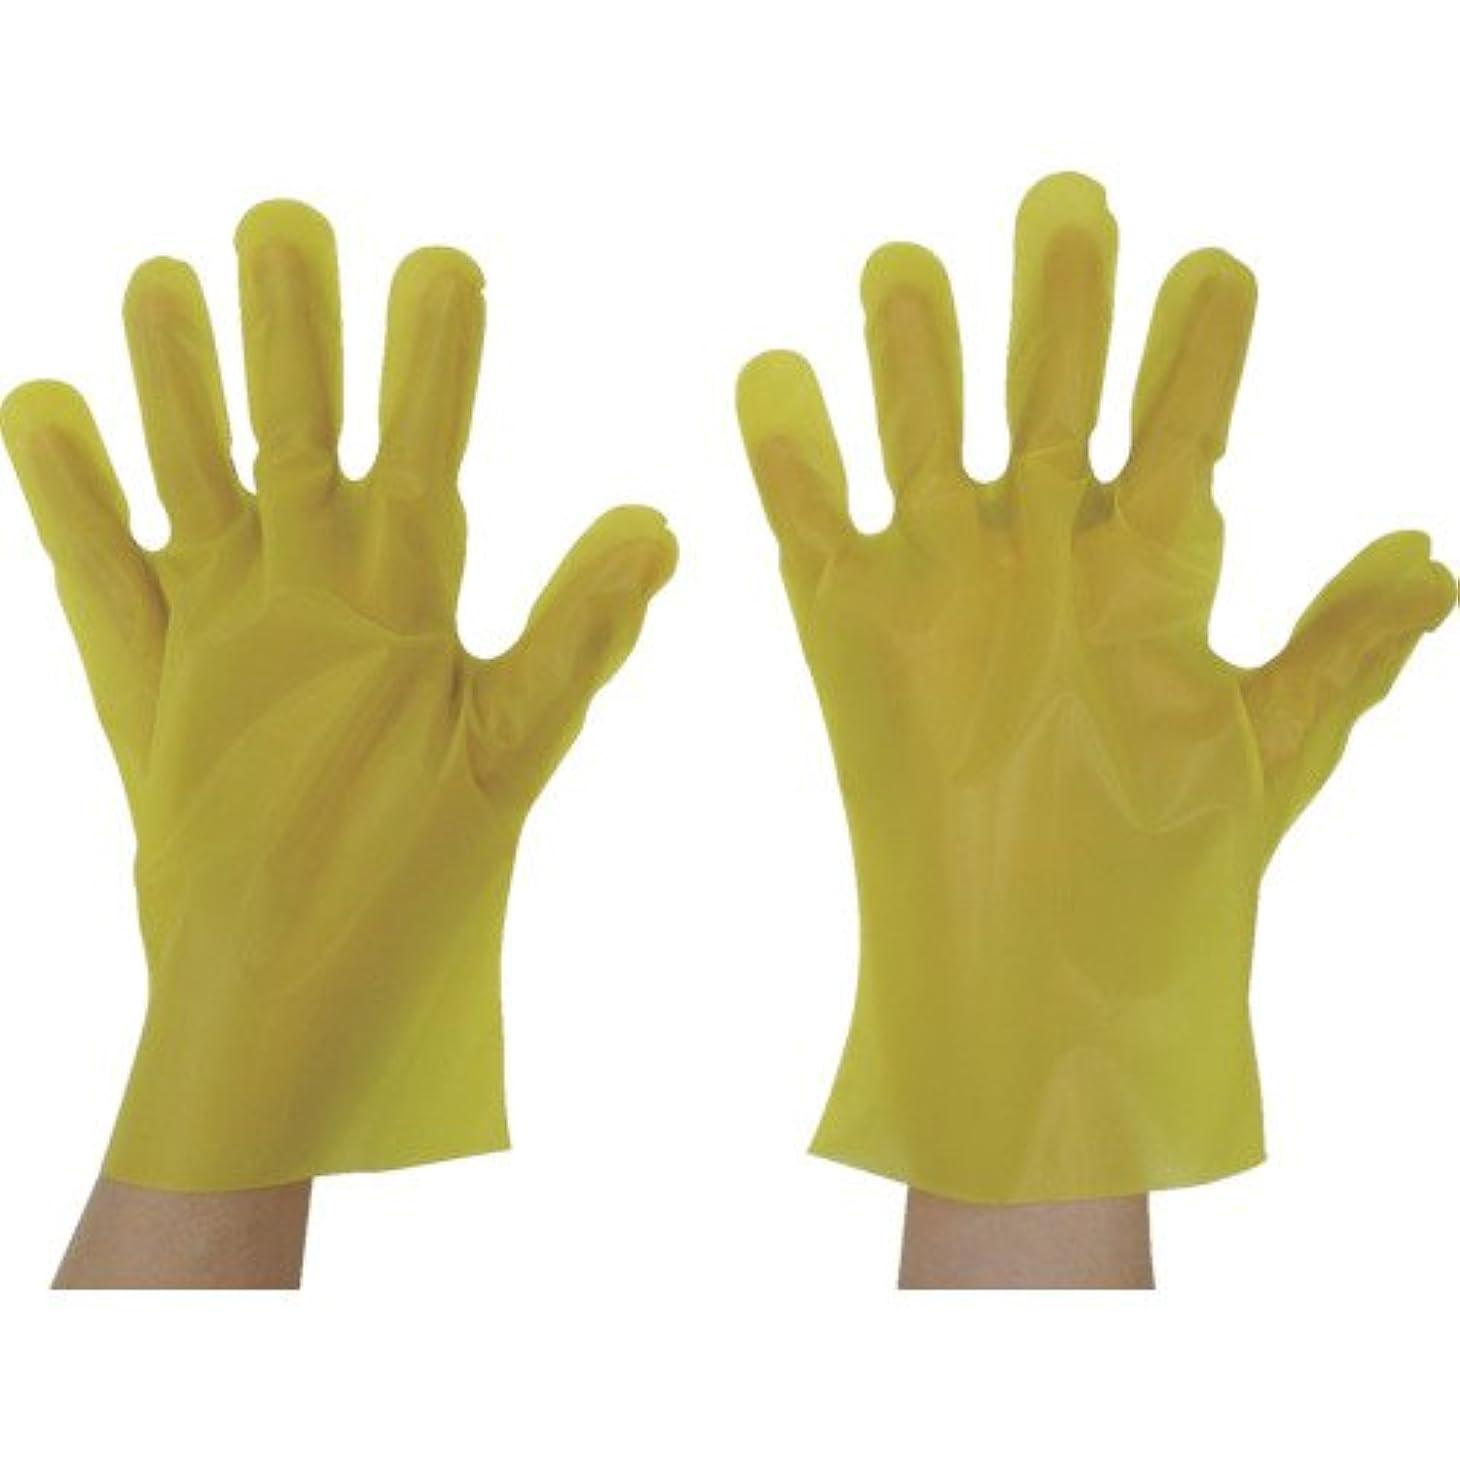 存在肥料均等に東京パック エンボス手袋五本絞りエコノミー化粧箱S イエロー YEK-S